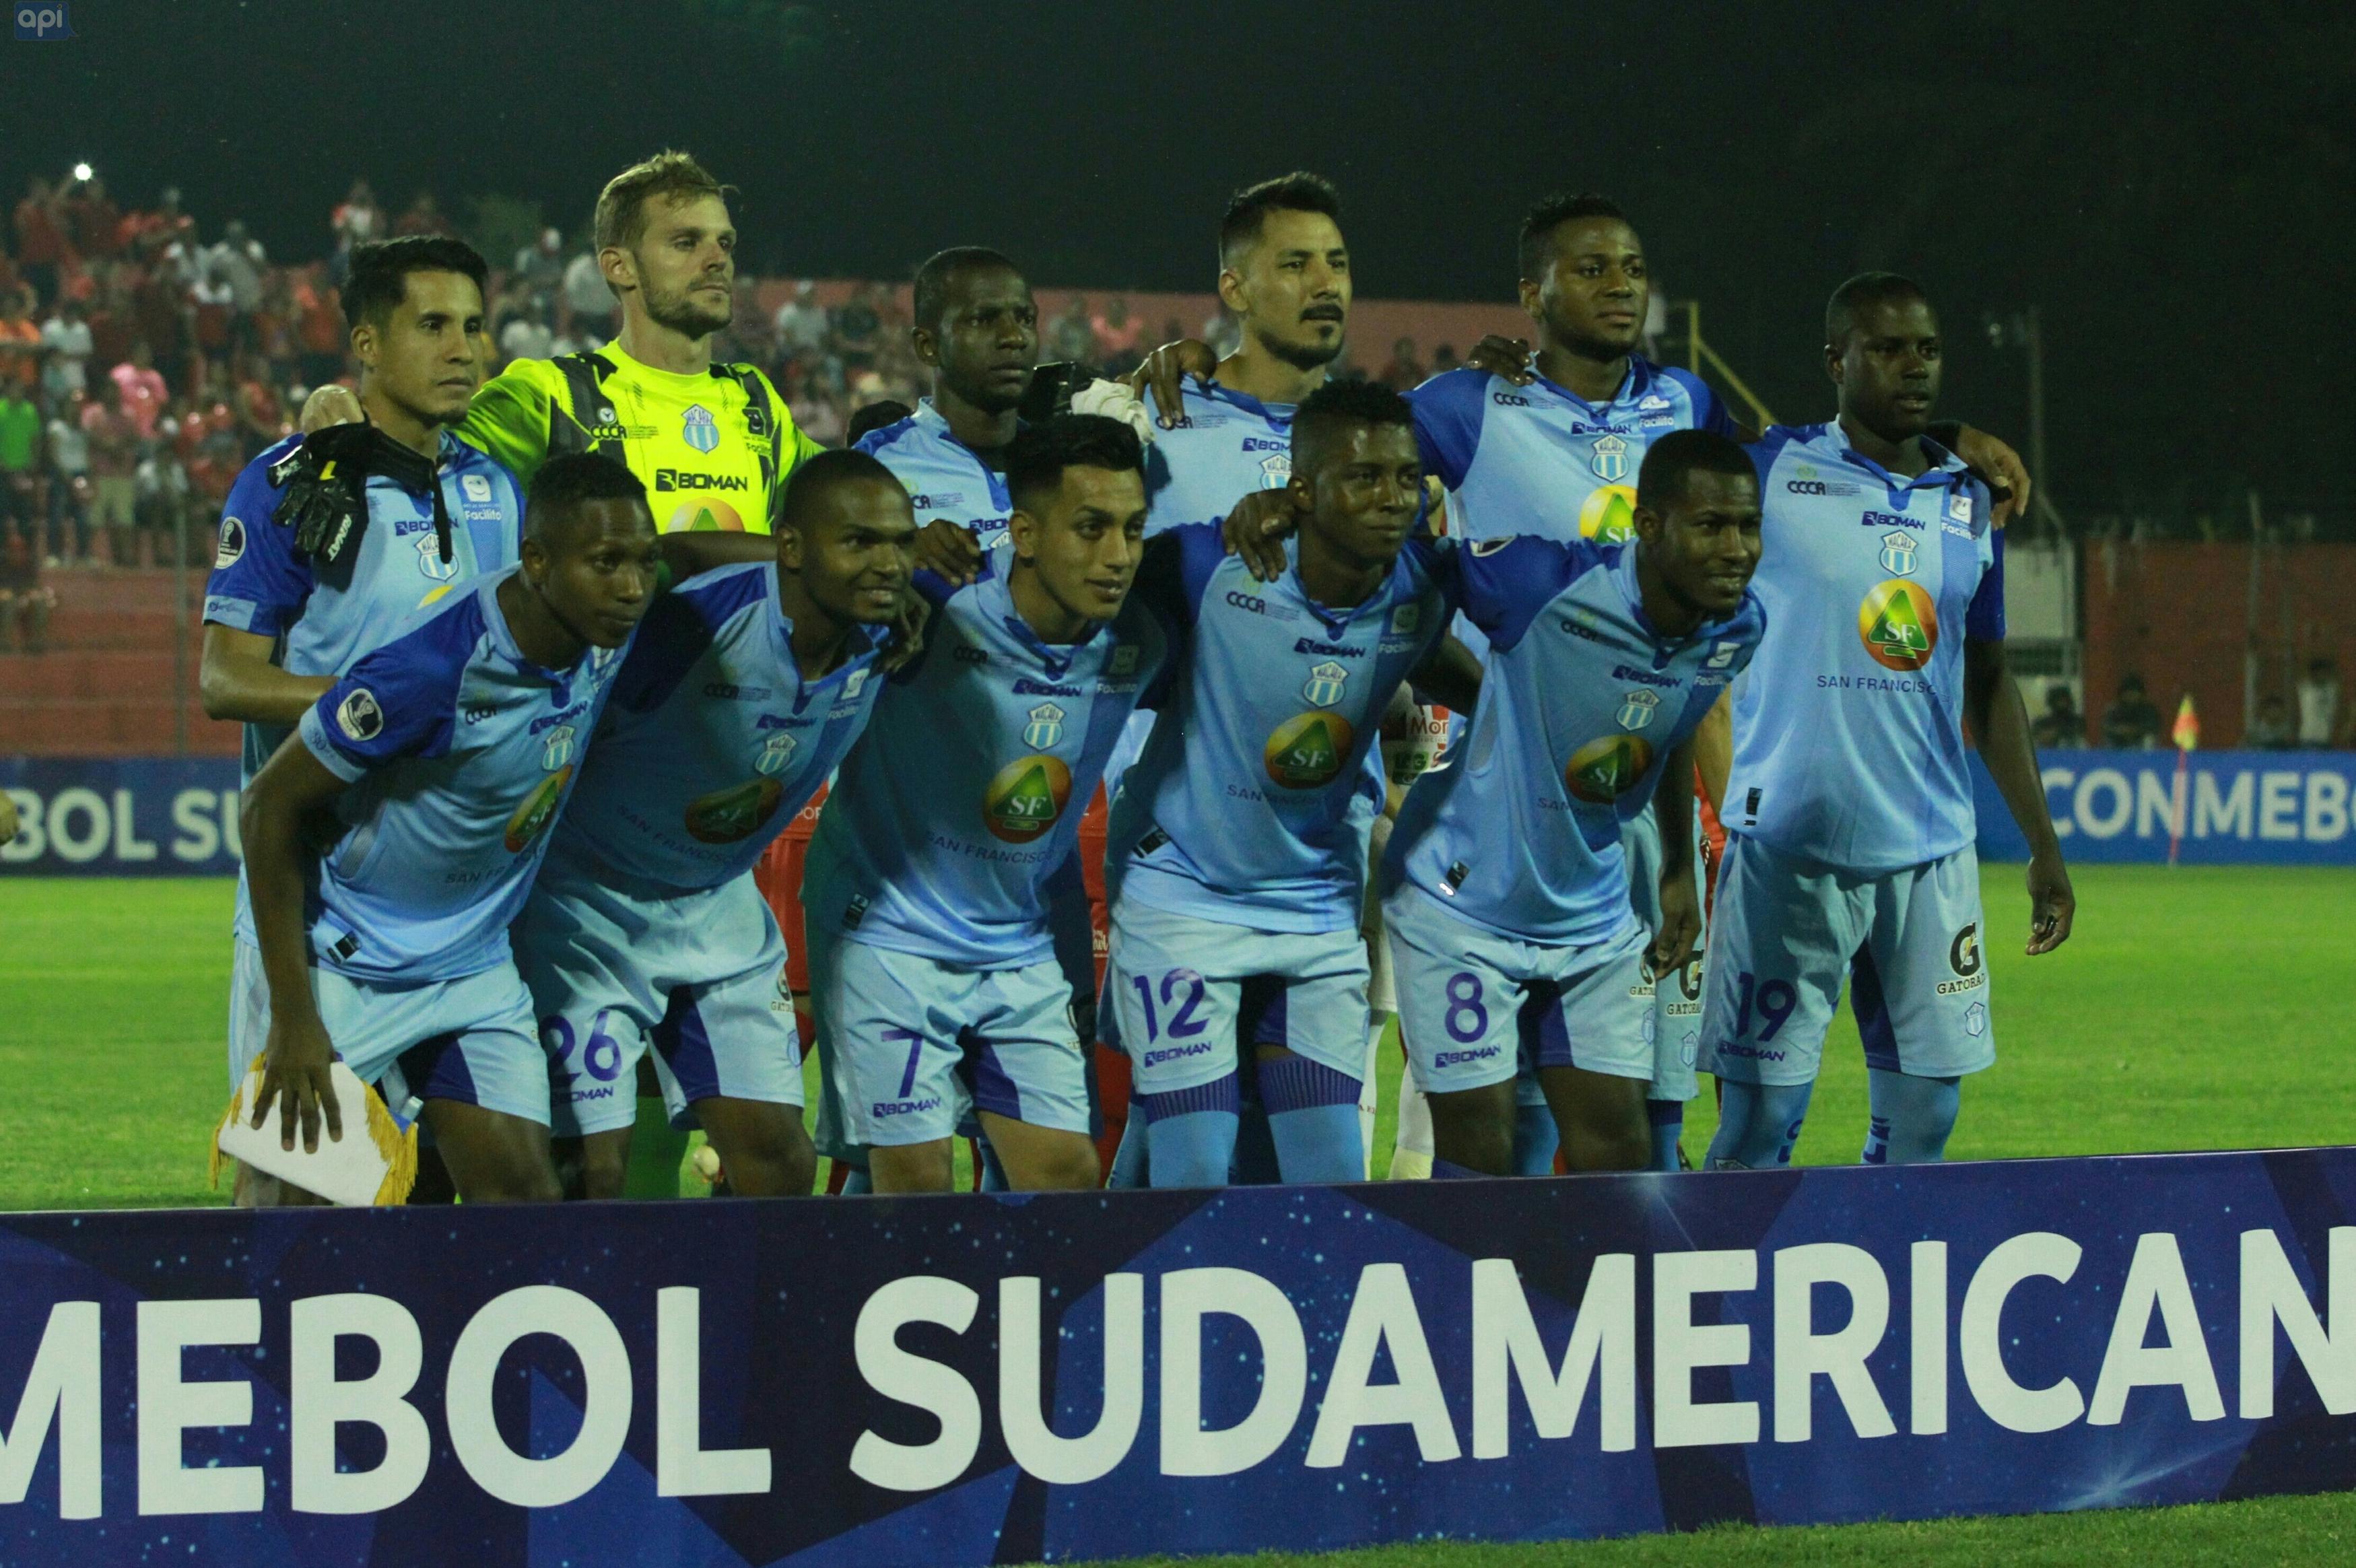 El 'Ídolo ambateño' perdió por la mínima diferencia en Bolivia y quiere hacerse fuerte en el Bellavista